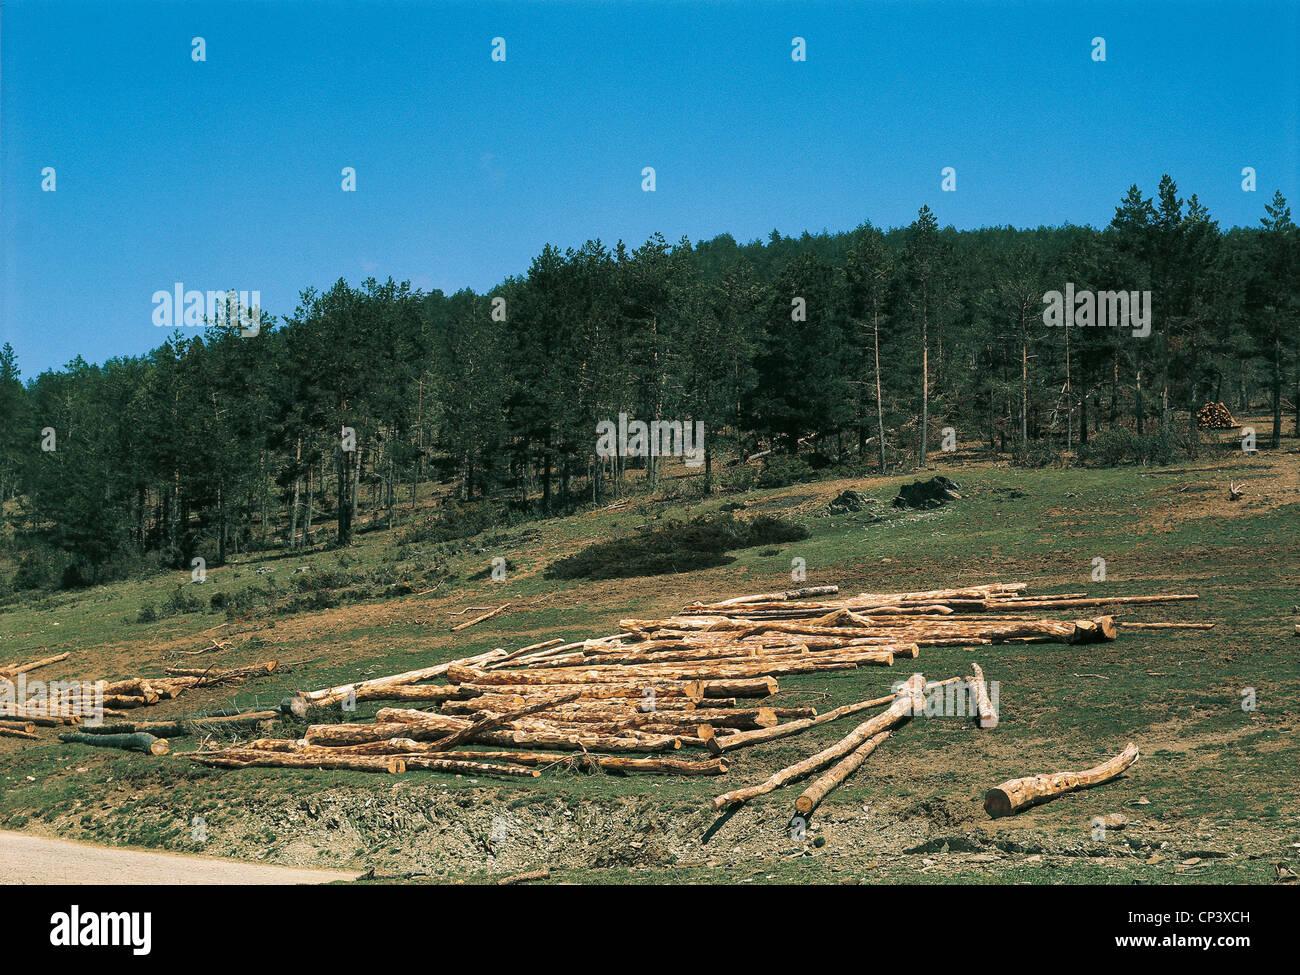 Spagna Aragona Sierra de Albarracin la deforestazione Immagini Stock